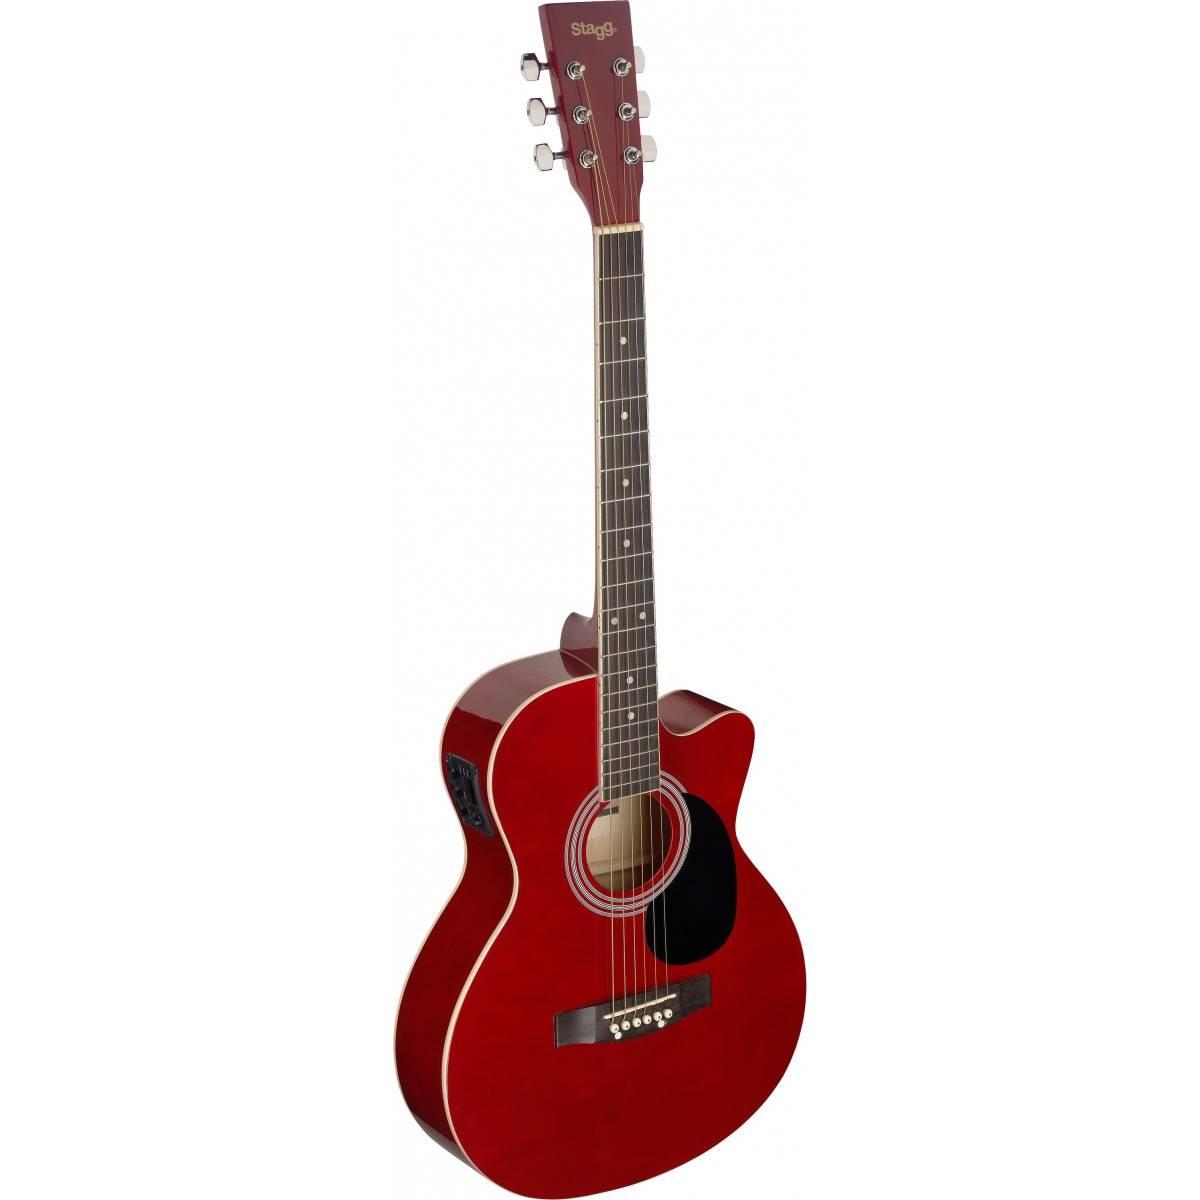 guitare folk electro acoustique rouge neuf ebay. Black Bedroom Furniture Sets. Home Design Ideas